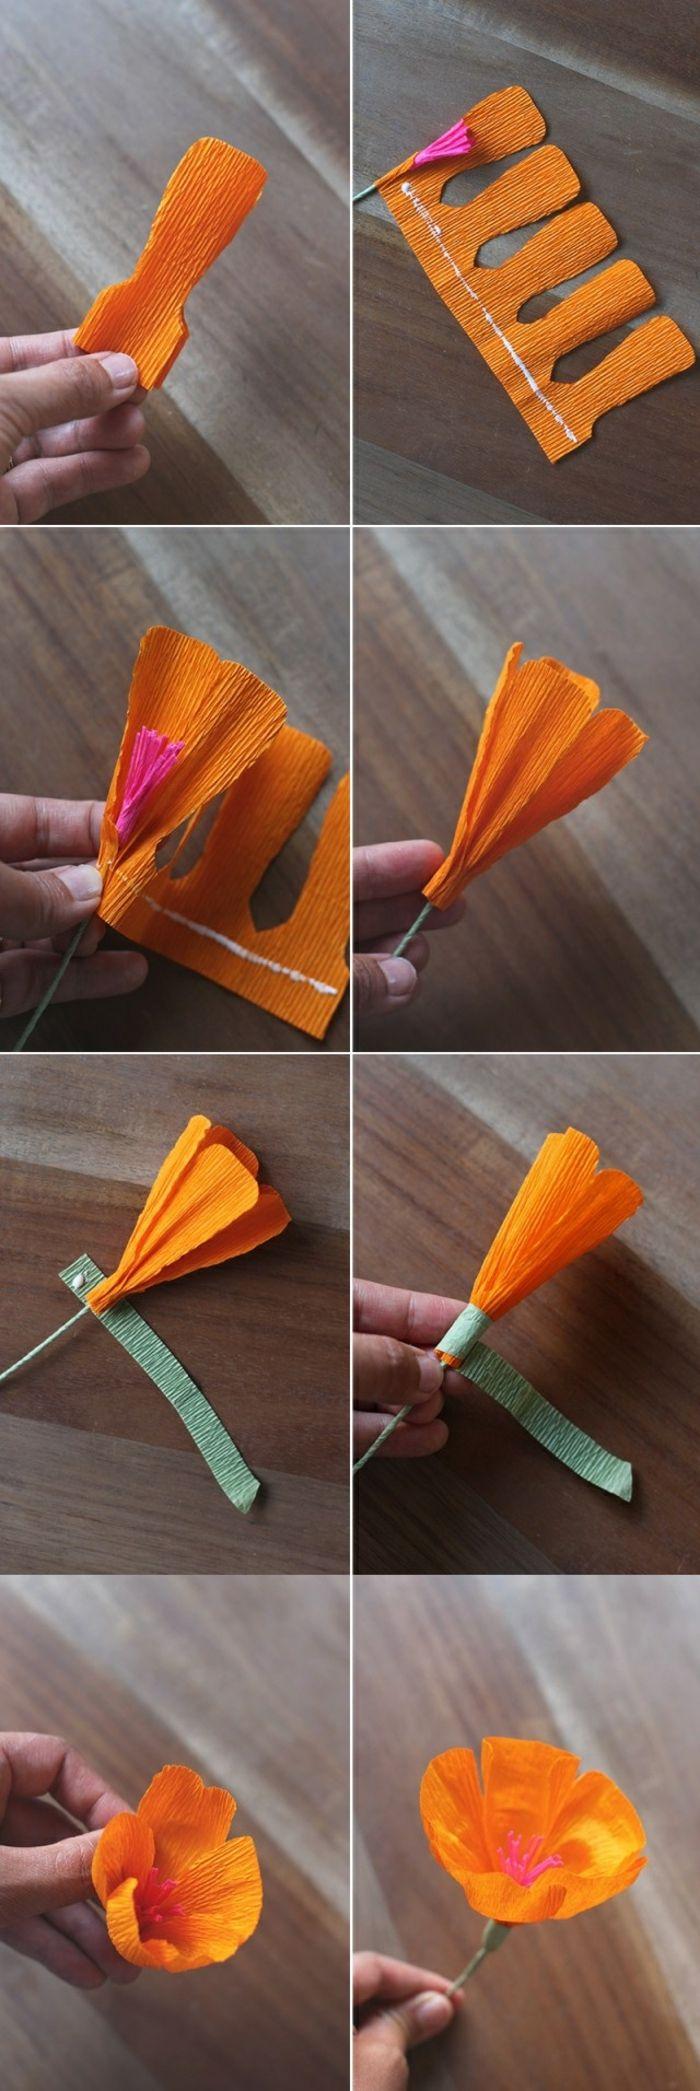 ▷ 1001+ Ideen, wie Sie Papierblumen basteln können #dekoblumen